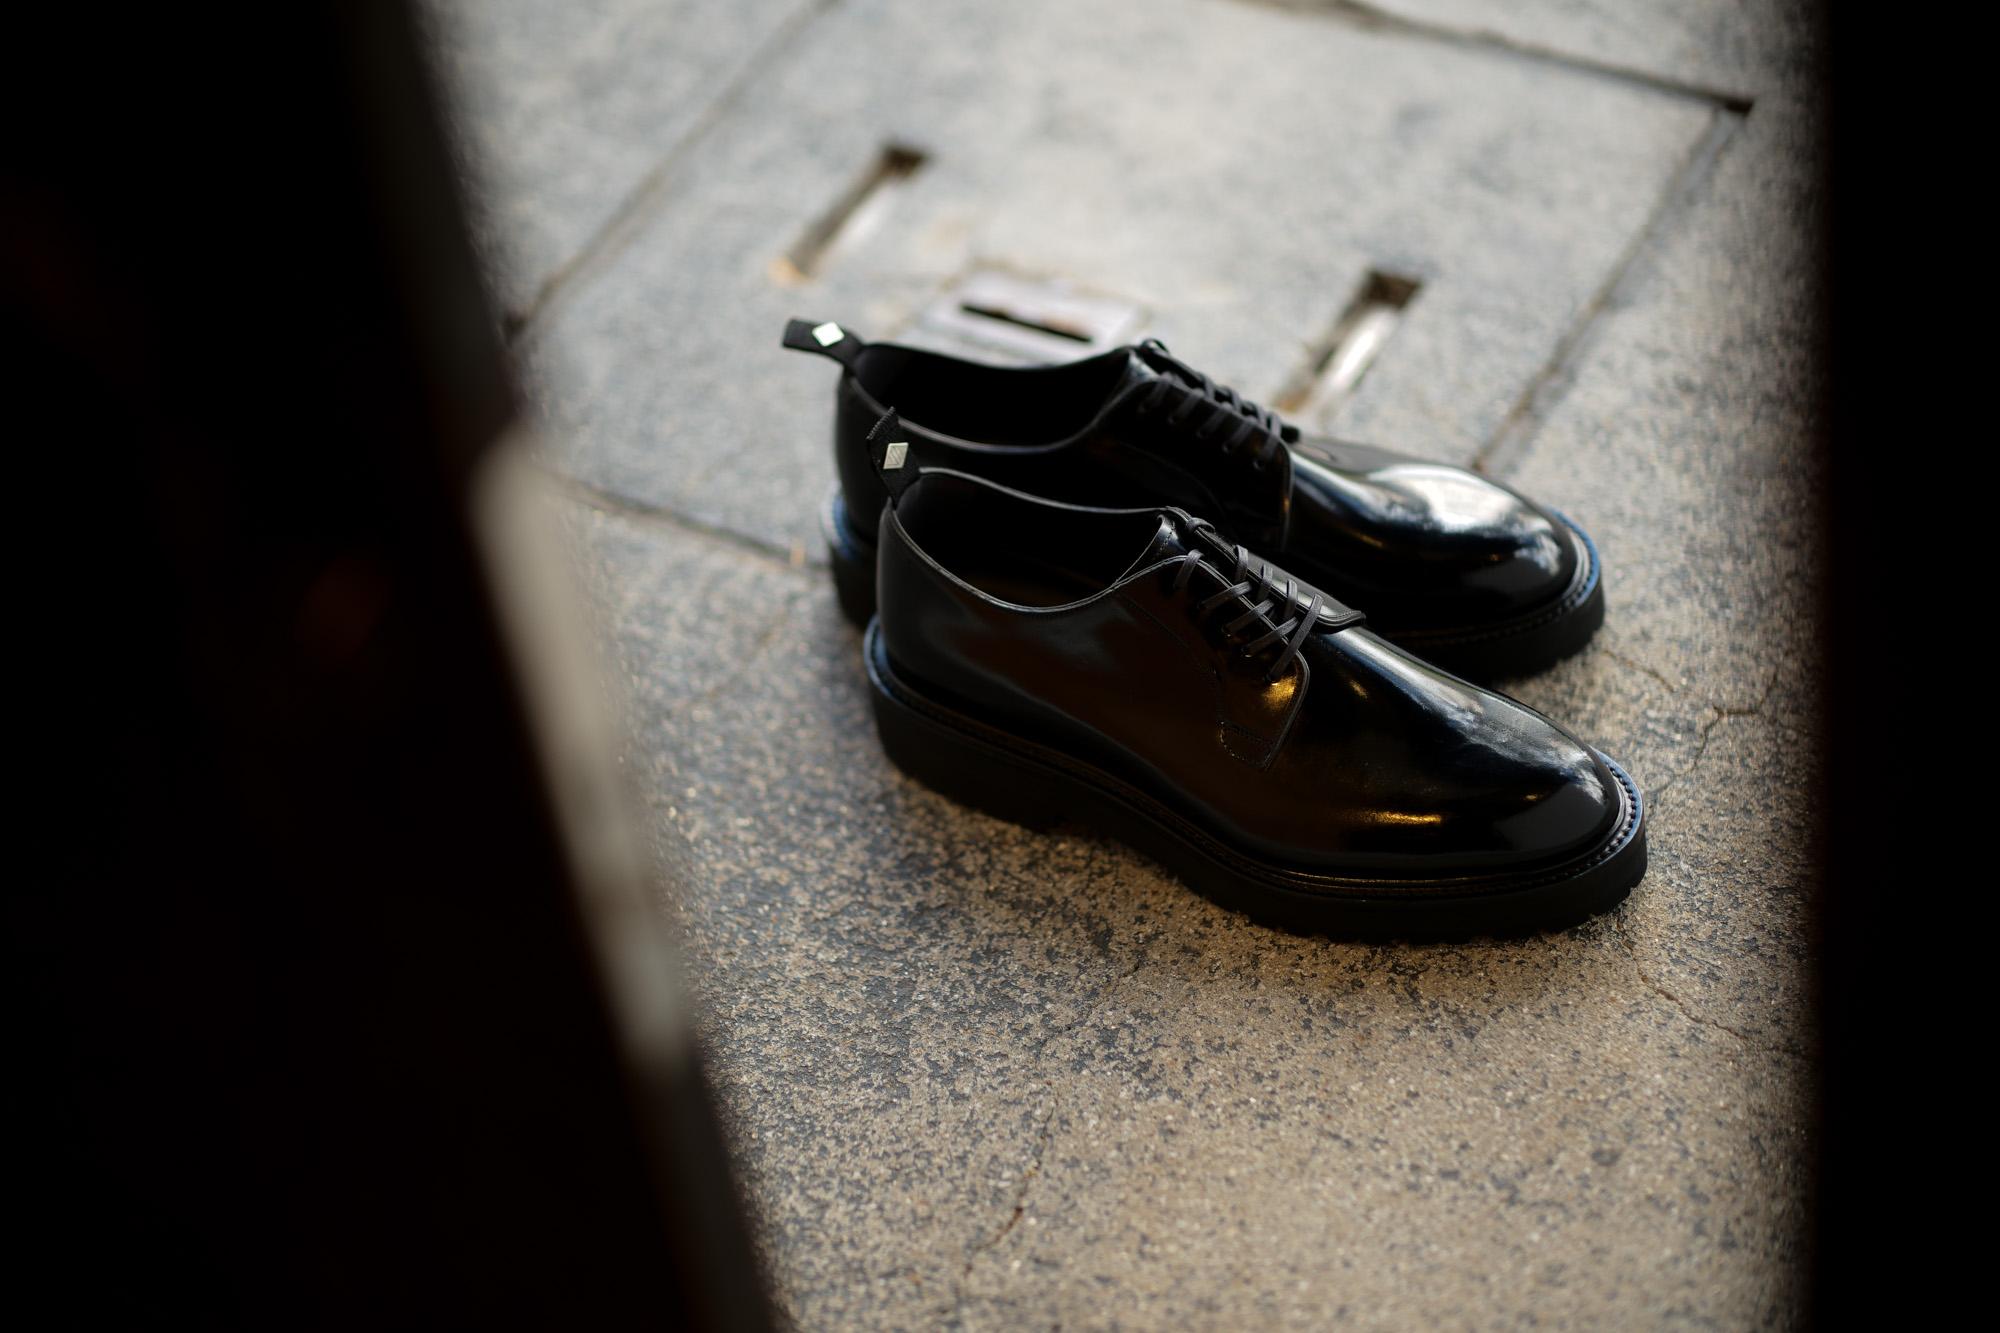 WH (ダブルエイチ) WHZ-0010 Cordovan Plane Toe Shoes (干場氏 スペシャル Zモデル) Birdie Last (バーディラスト) Shell Cordovan シェルコードバンレザー プレーントゥシューズ BLACK (ブラック) MADE IN JAPAN (日本製) 2018 秋冬 【Special限定モデル】【12月01日発売分】【ご予約受付中】愛知 名古屋 alto e diritto altoediritto アルトエデリット